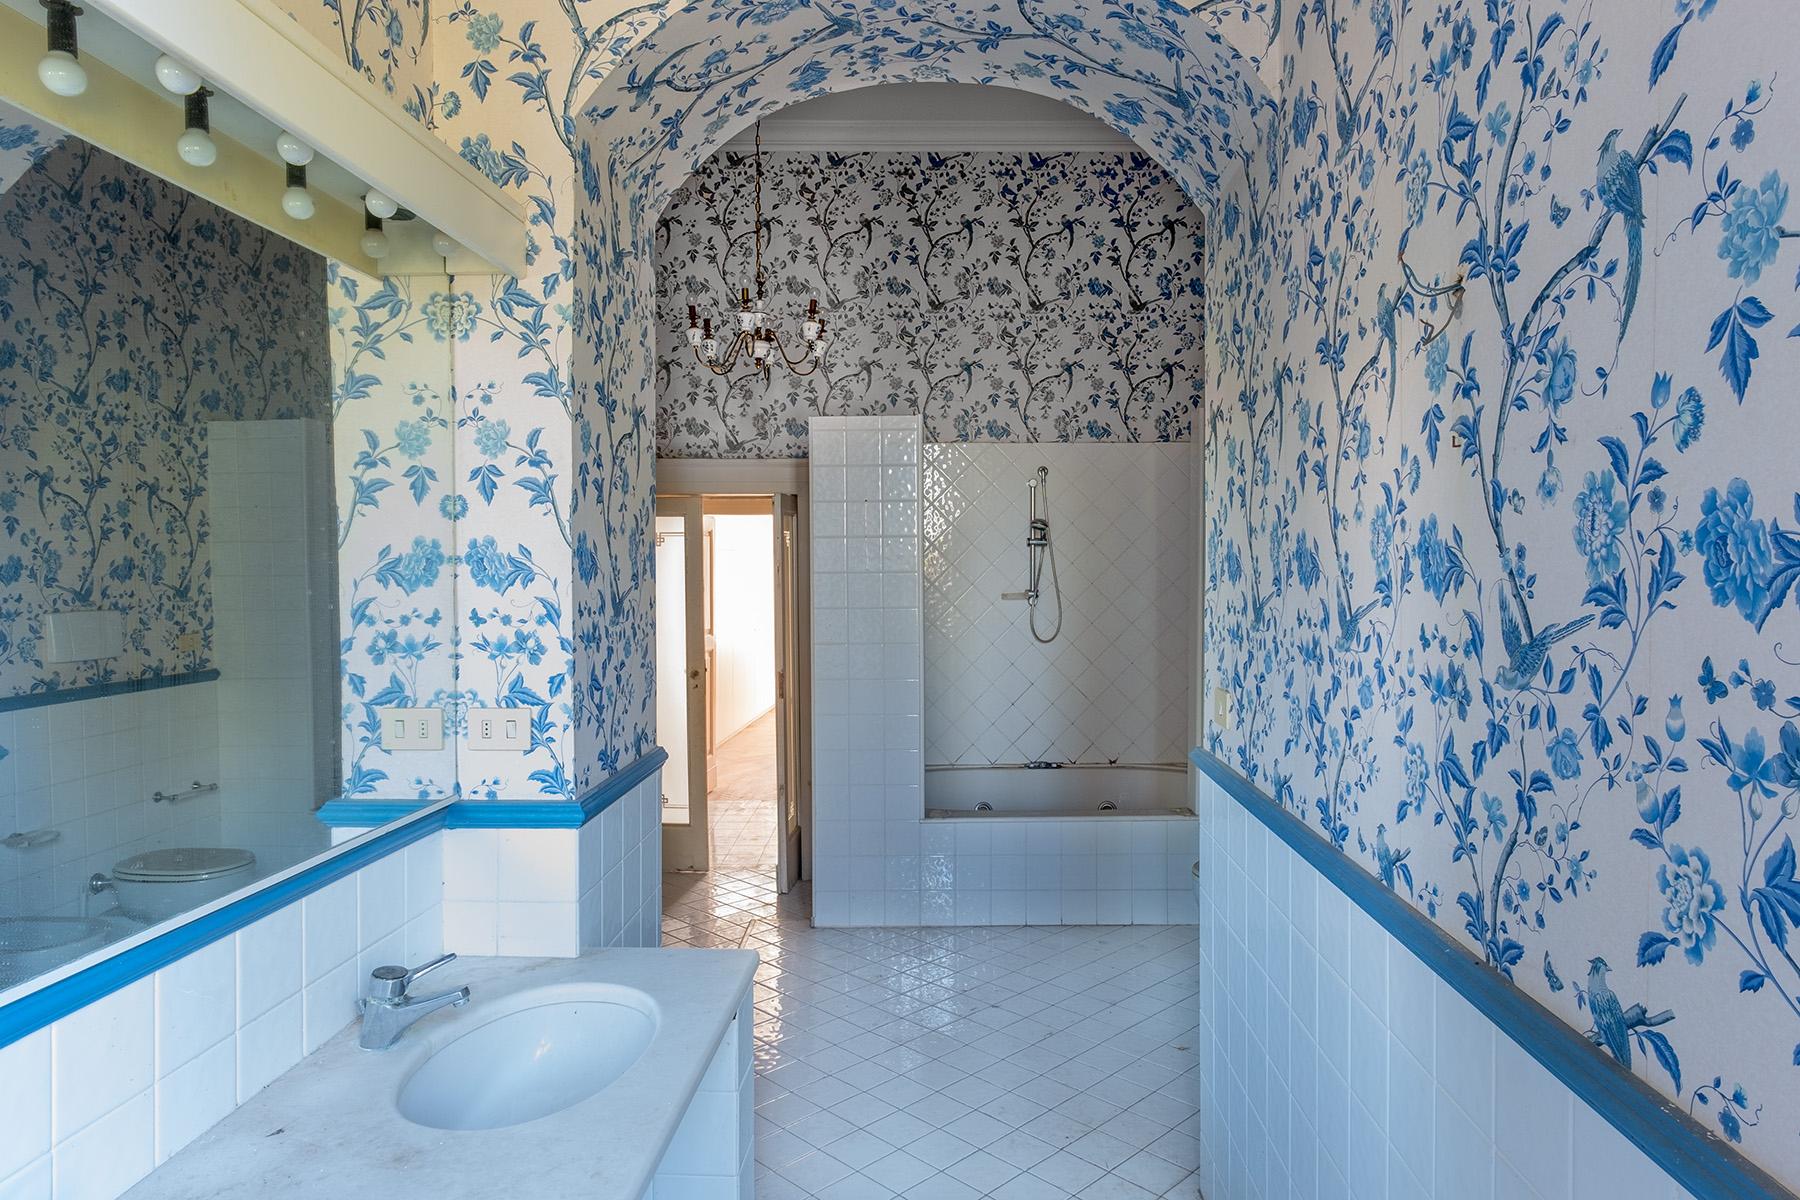 Casa indipendente in Vendita a Napoli: 5 locali, 300 mq - Foto 11